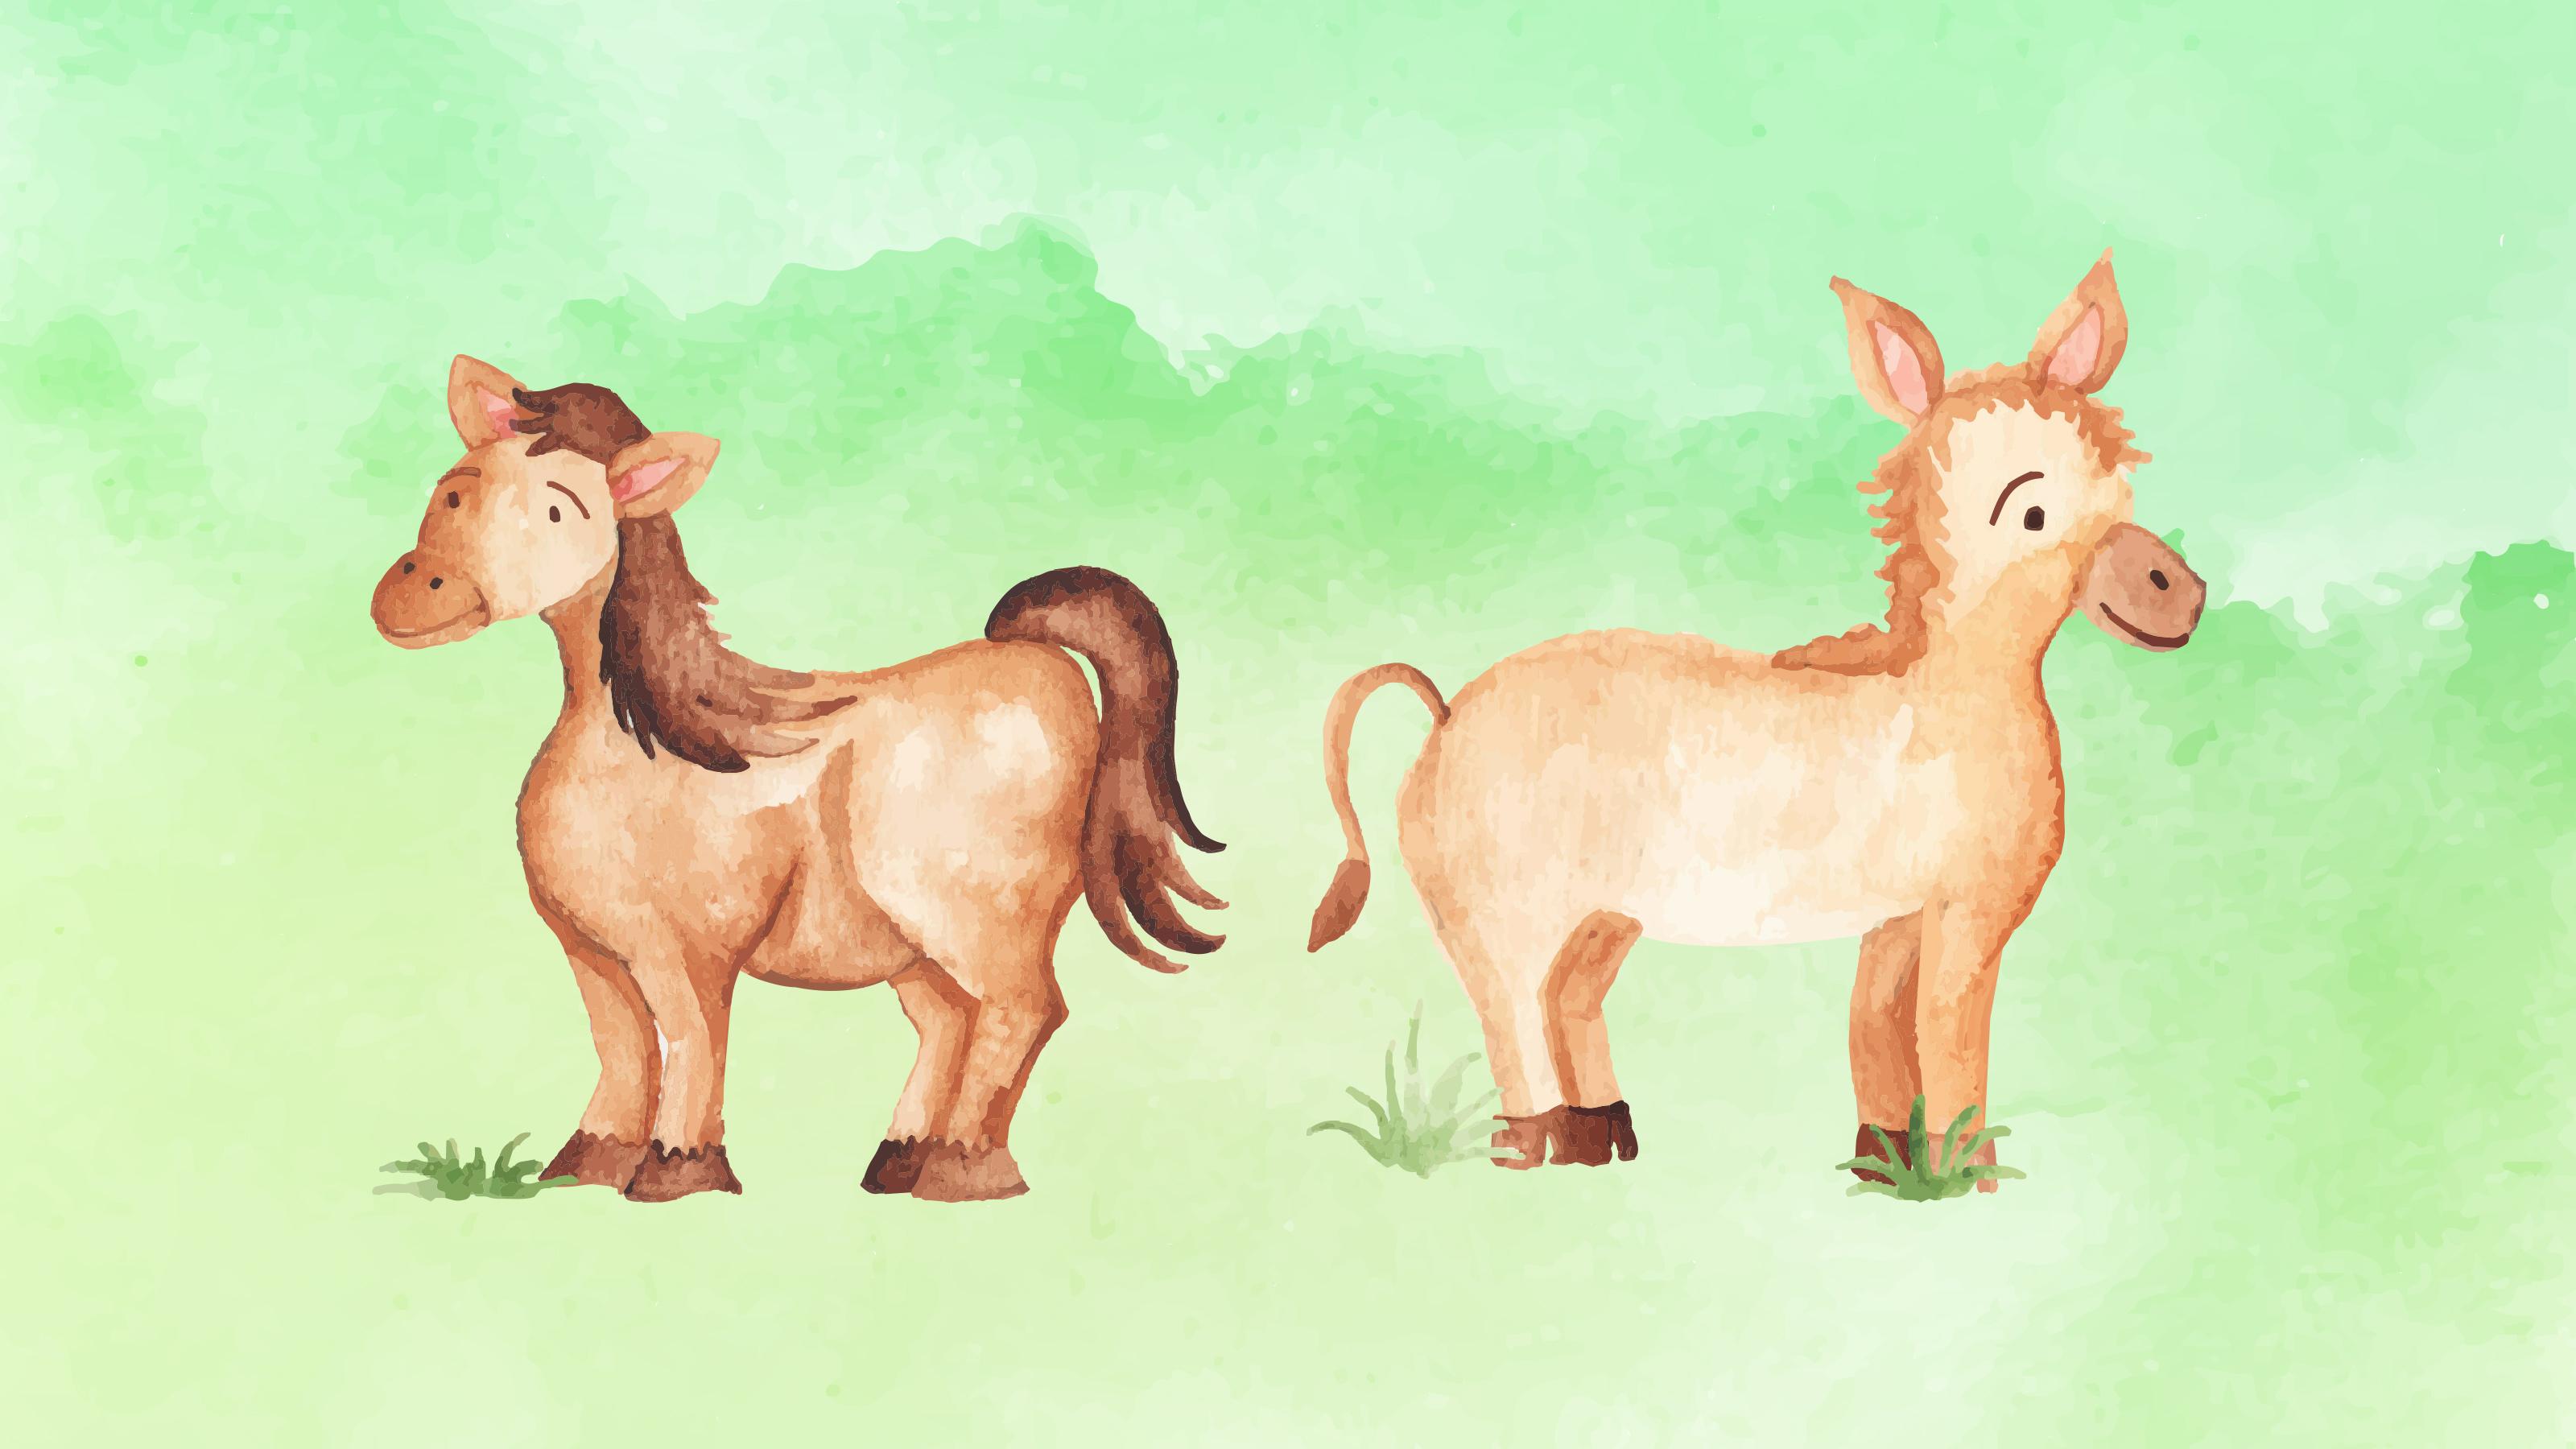 雲講堂-【英語繪本說故事】馬與驢子